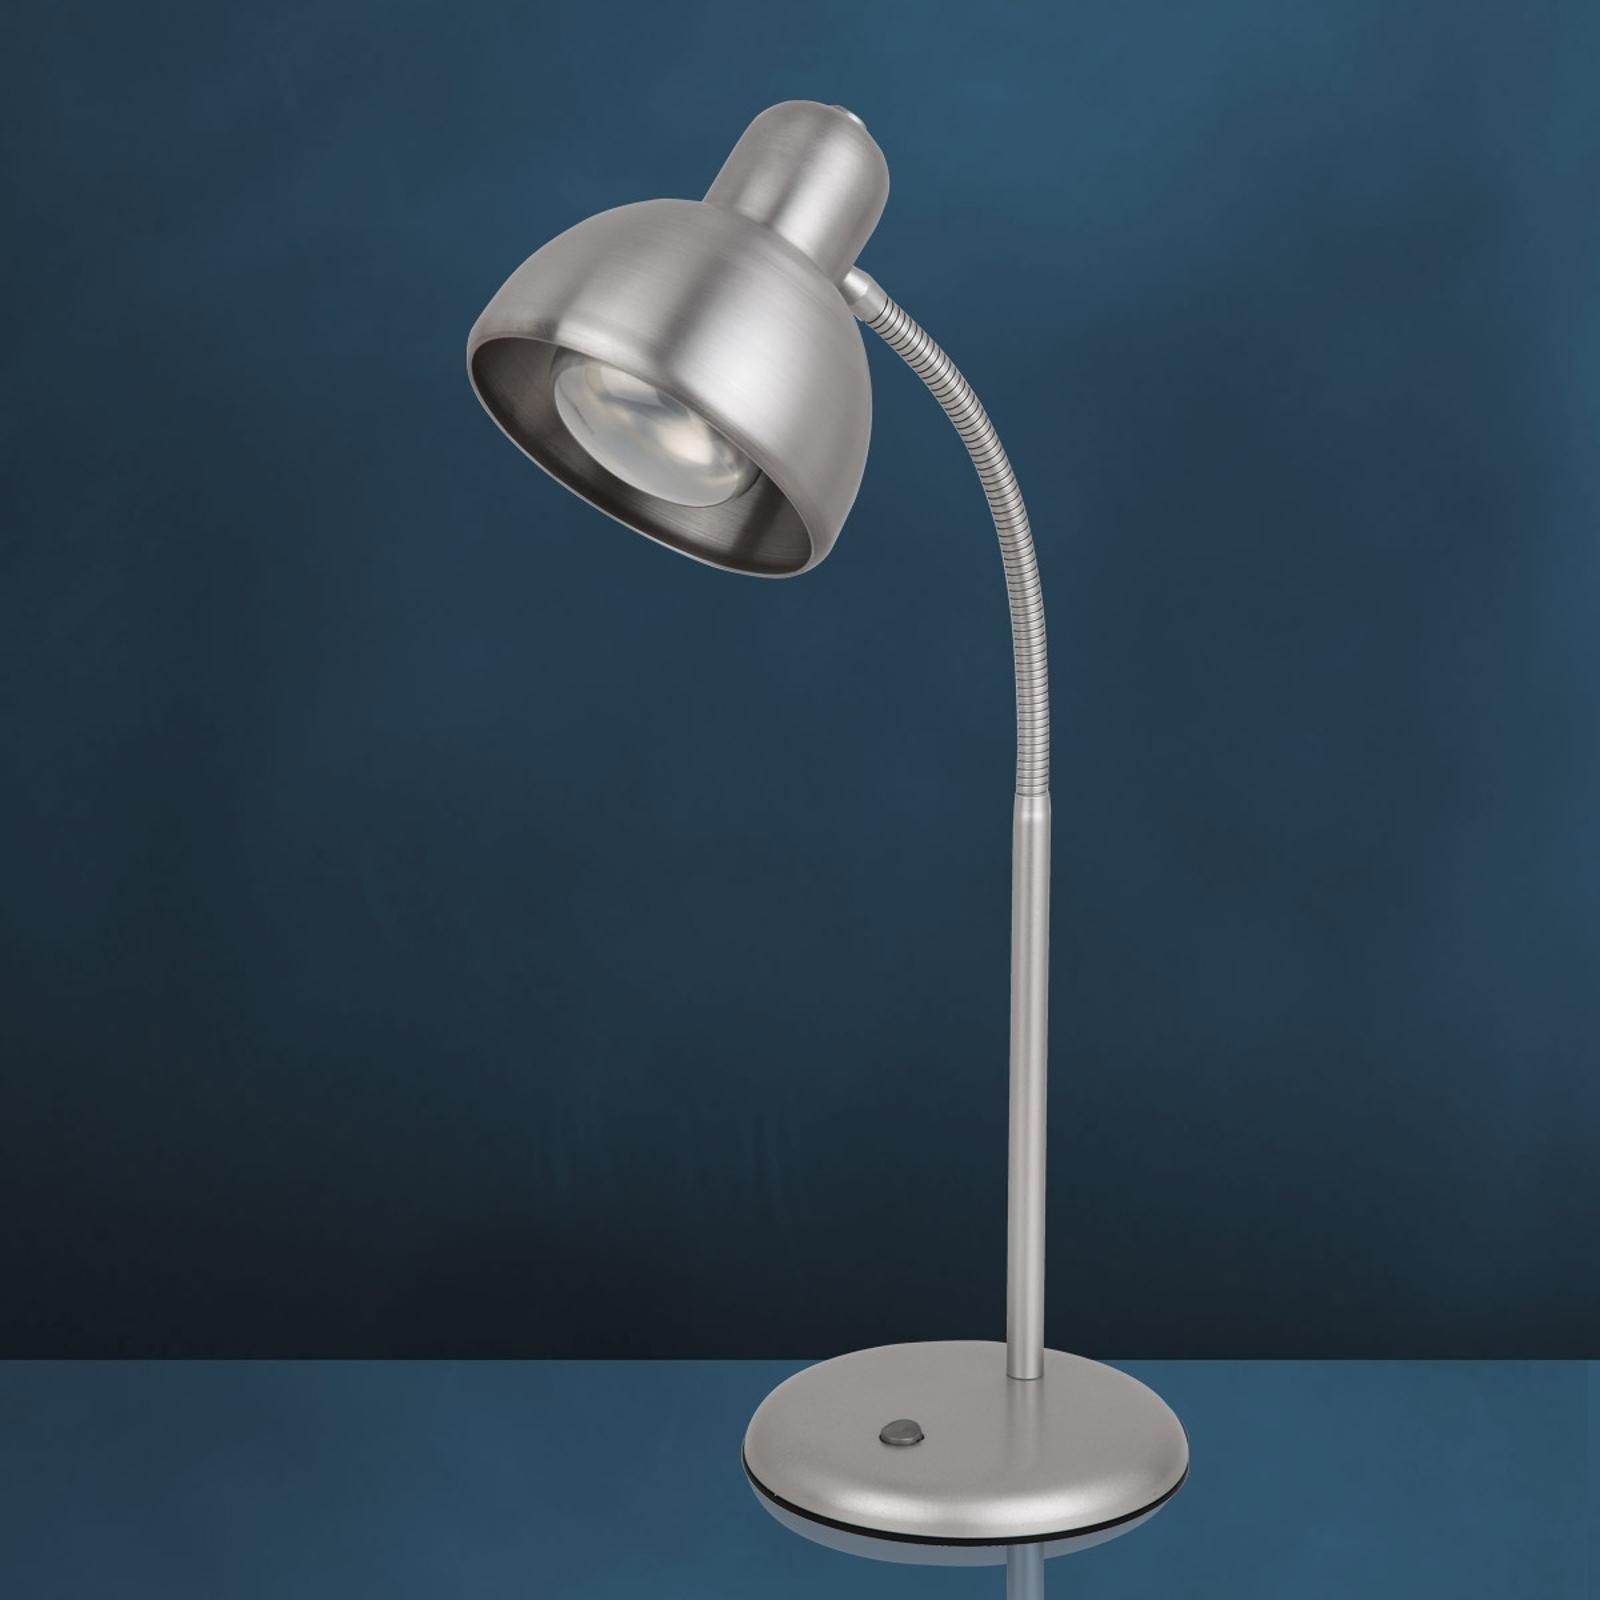 Lampada classica da tavolo RETRO